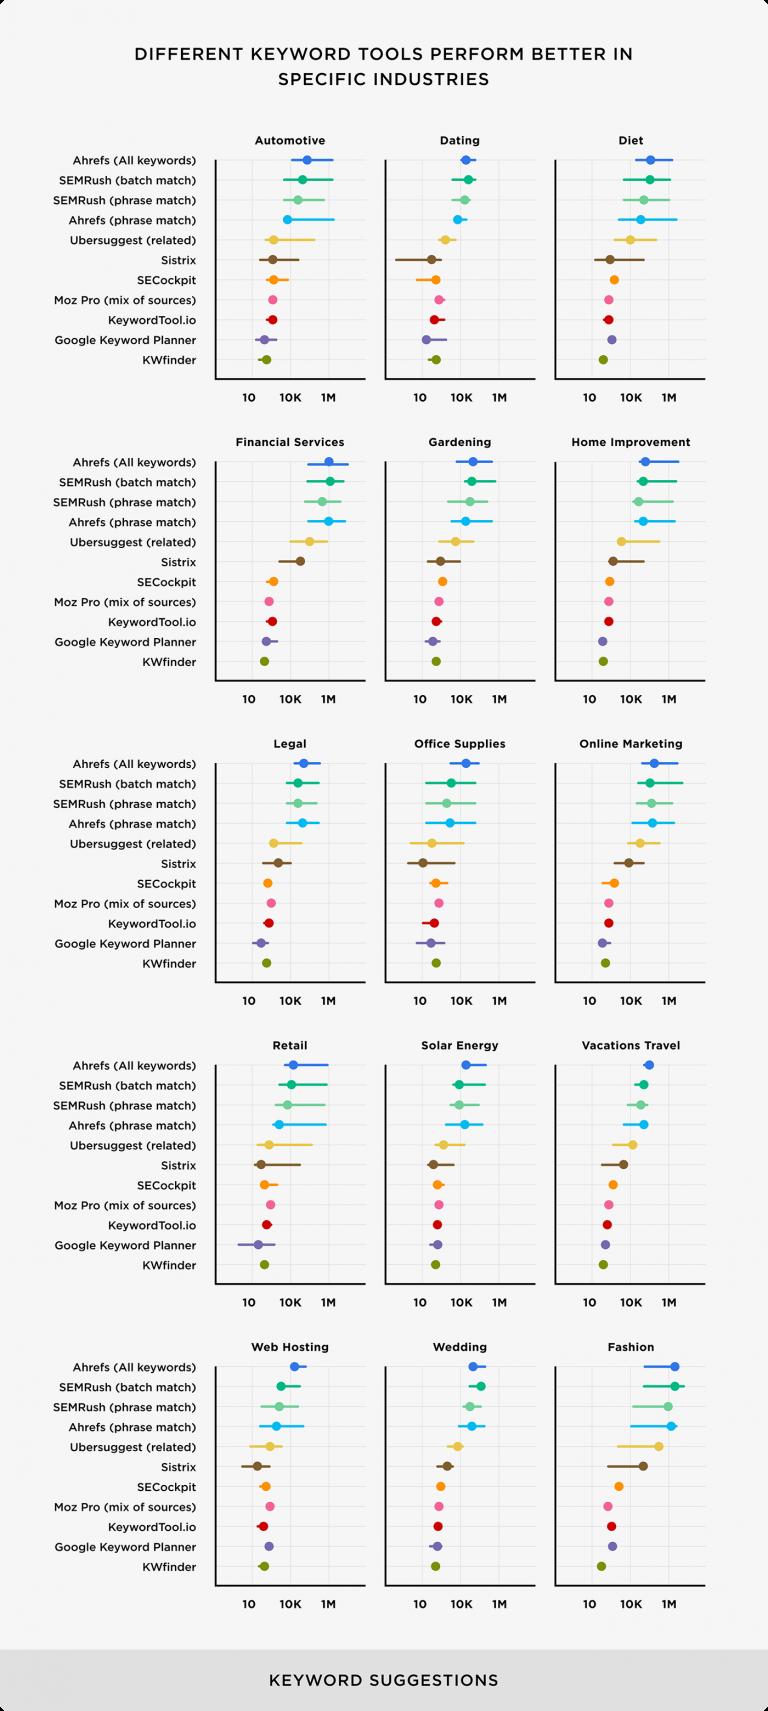 Các công cụ nghiên cứu từ khóa khác nhau hoạt động tốt hơn trong các ngành cụ thể